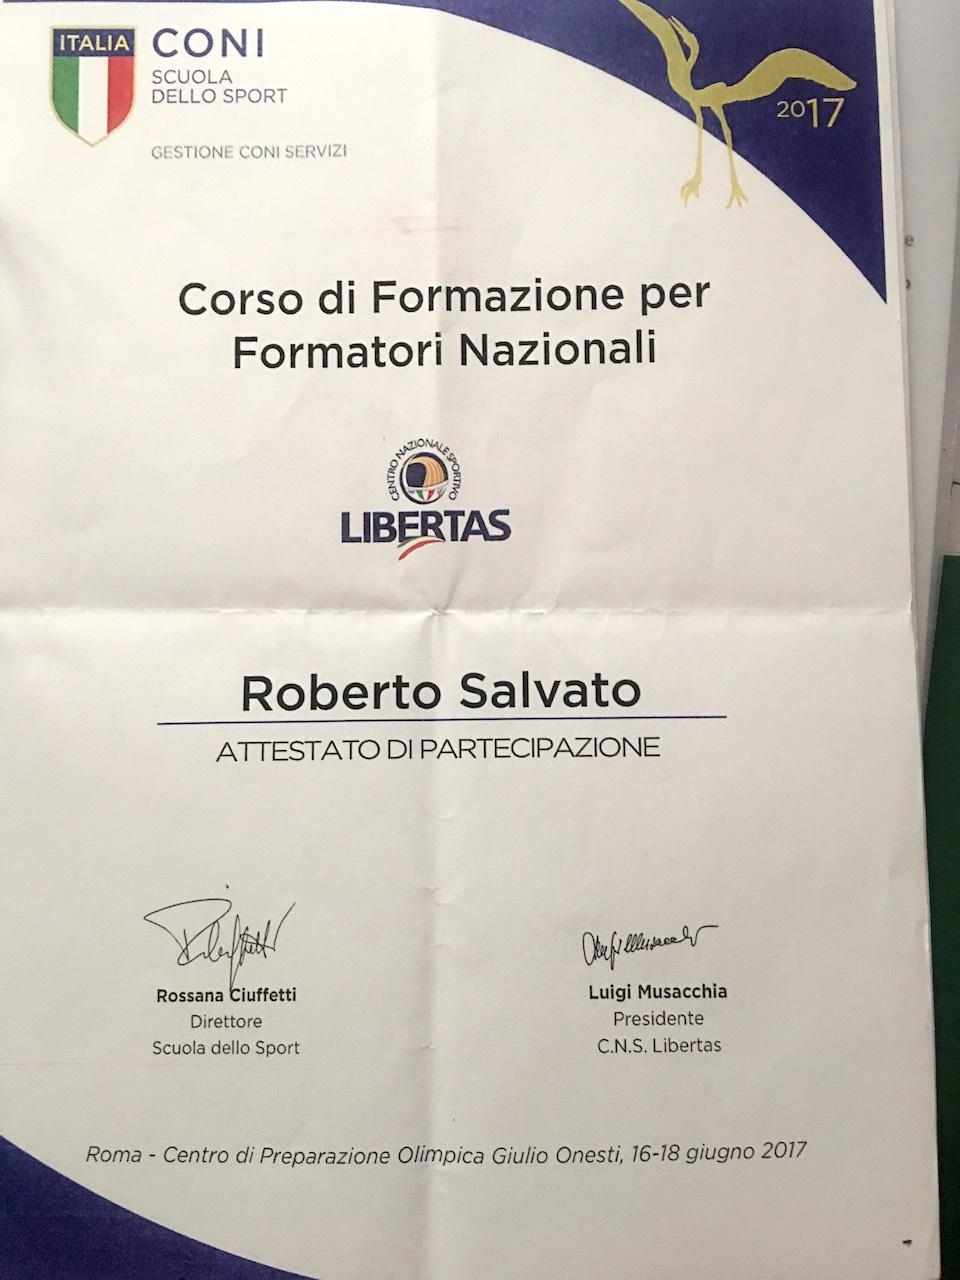 RSalvato_CONI_Libertas